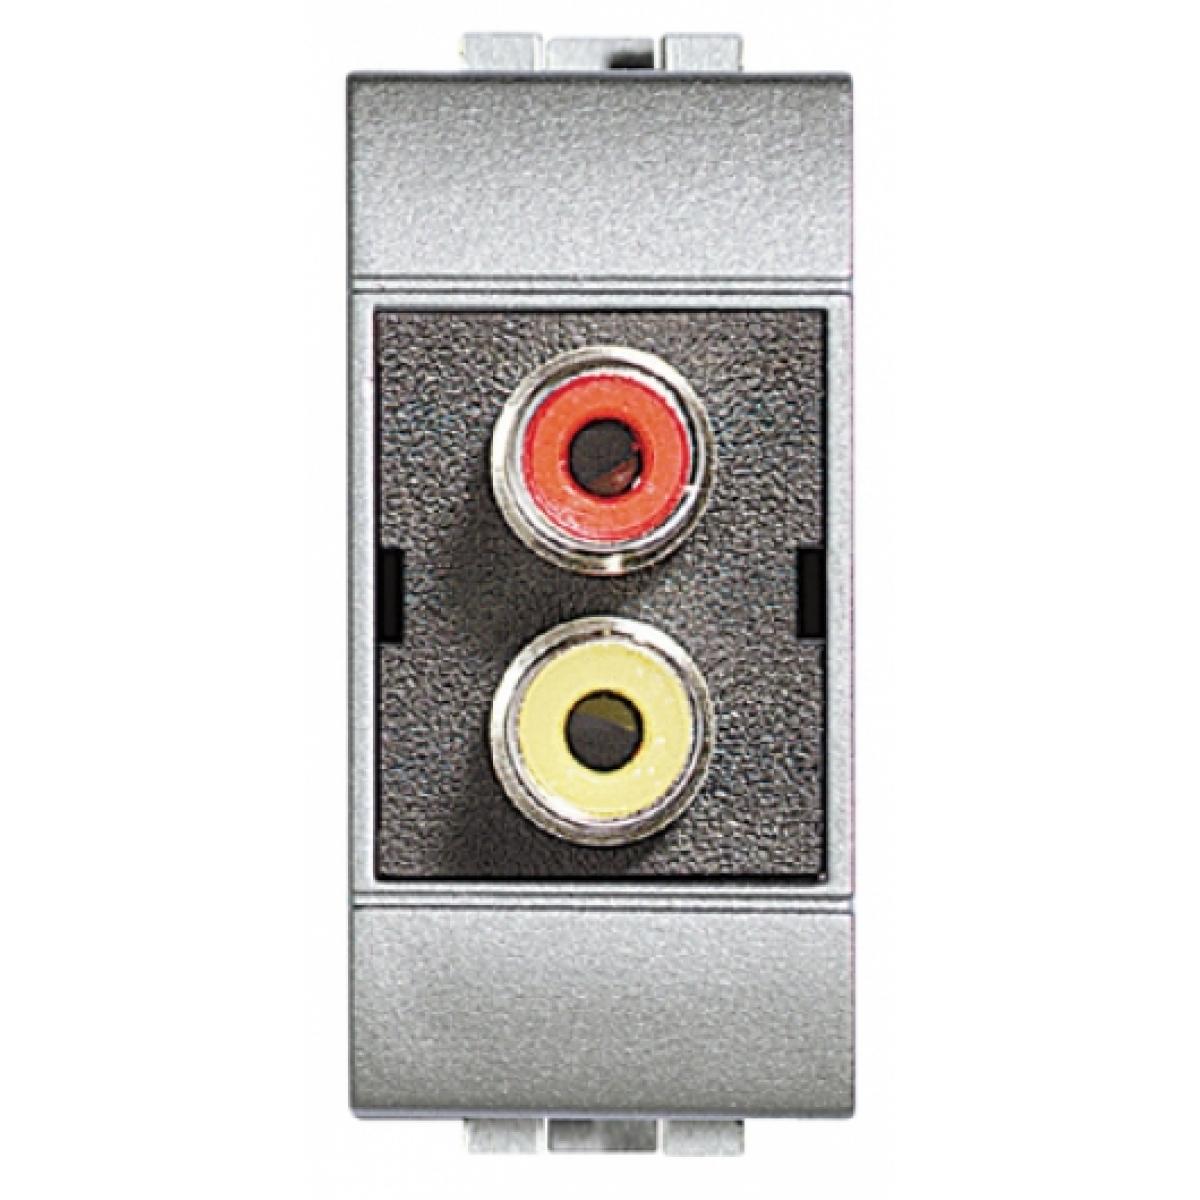 Doppio Modulo RCA Bticino Living Light Tech NT4269R